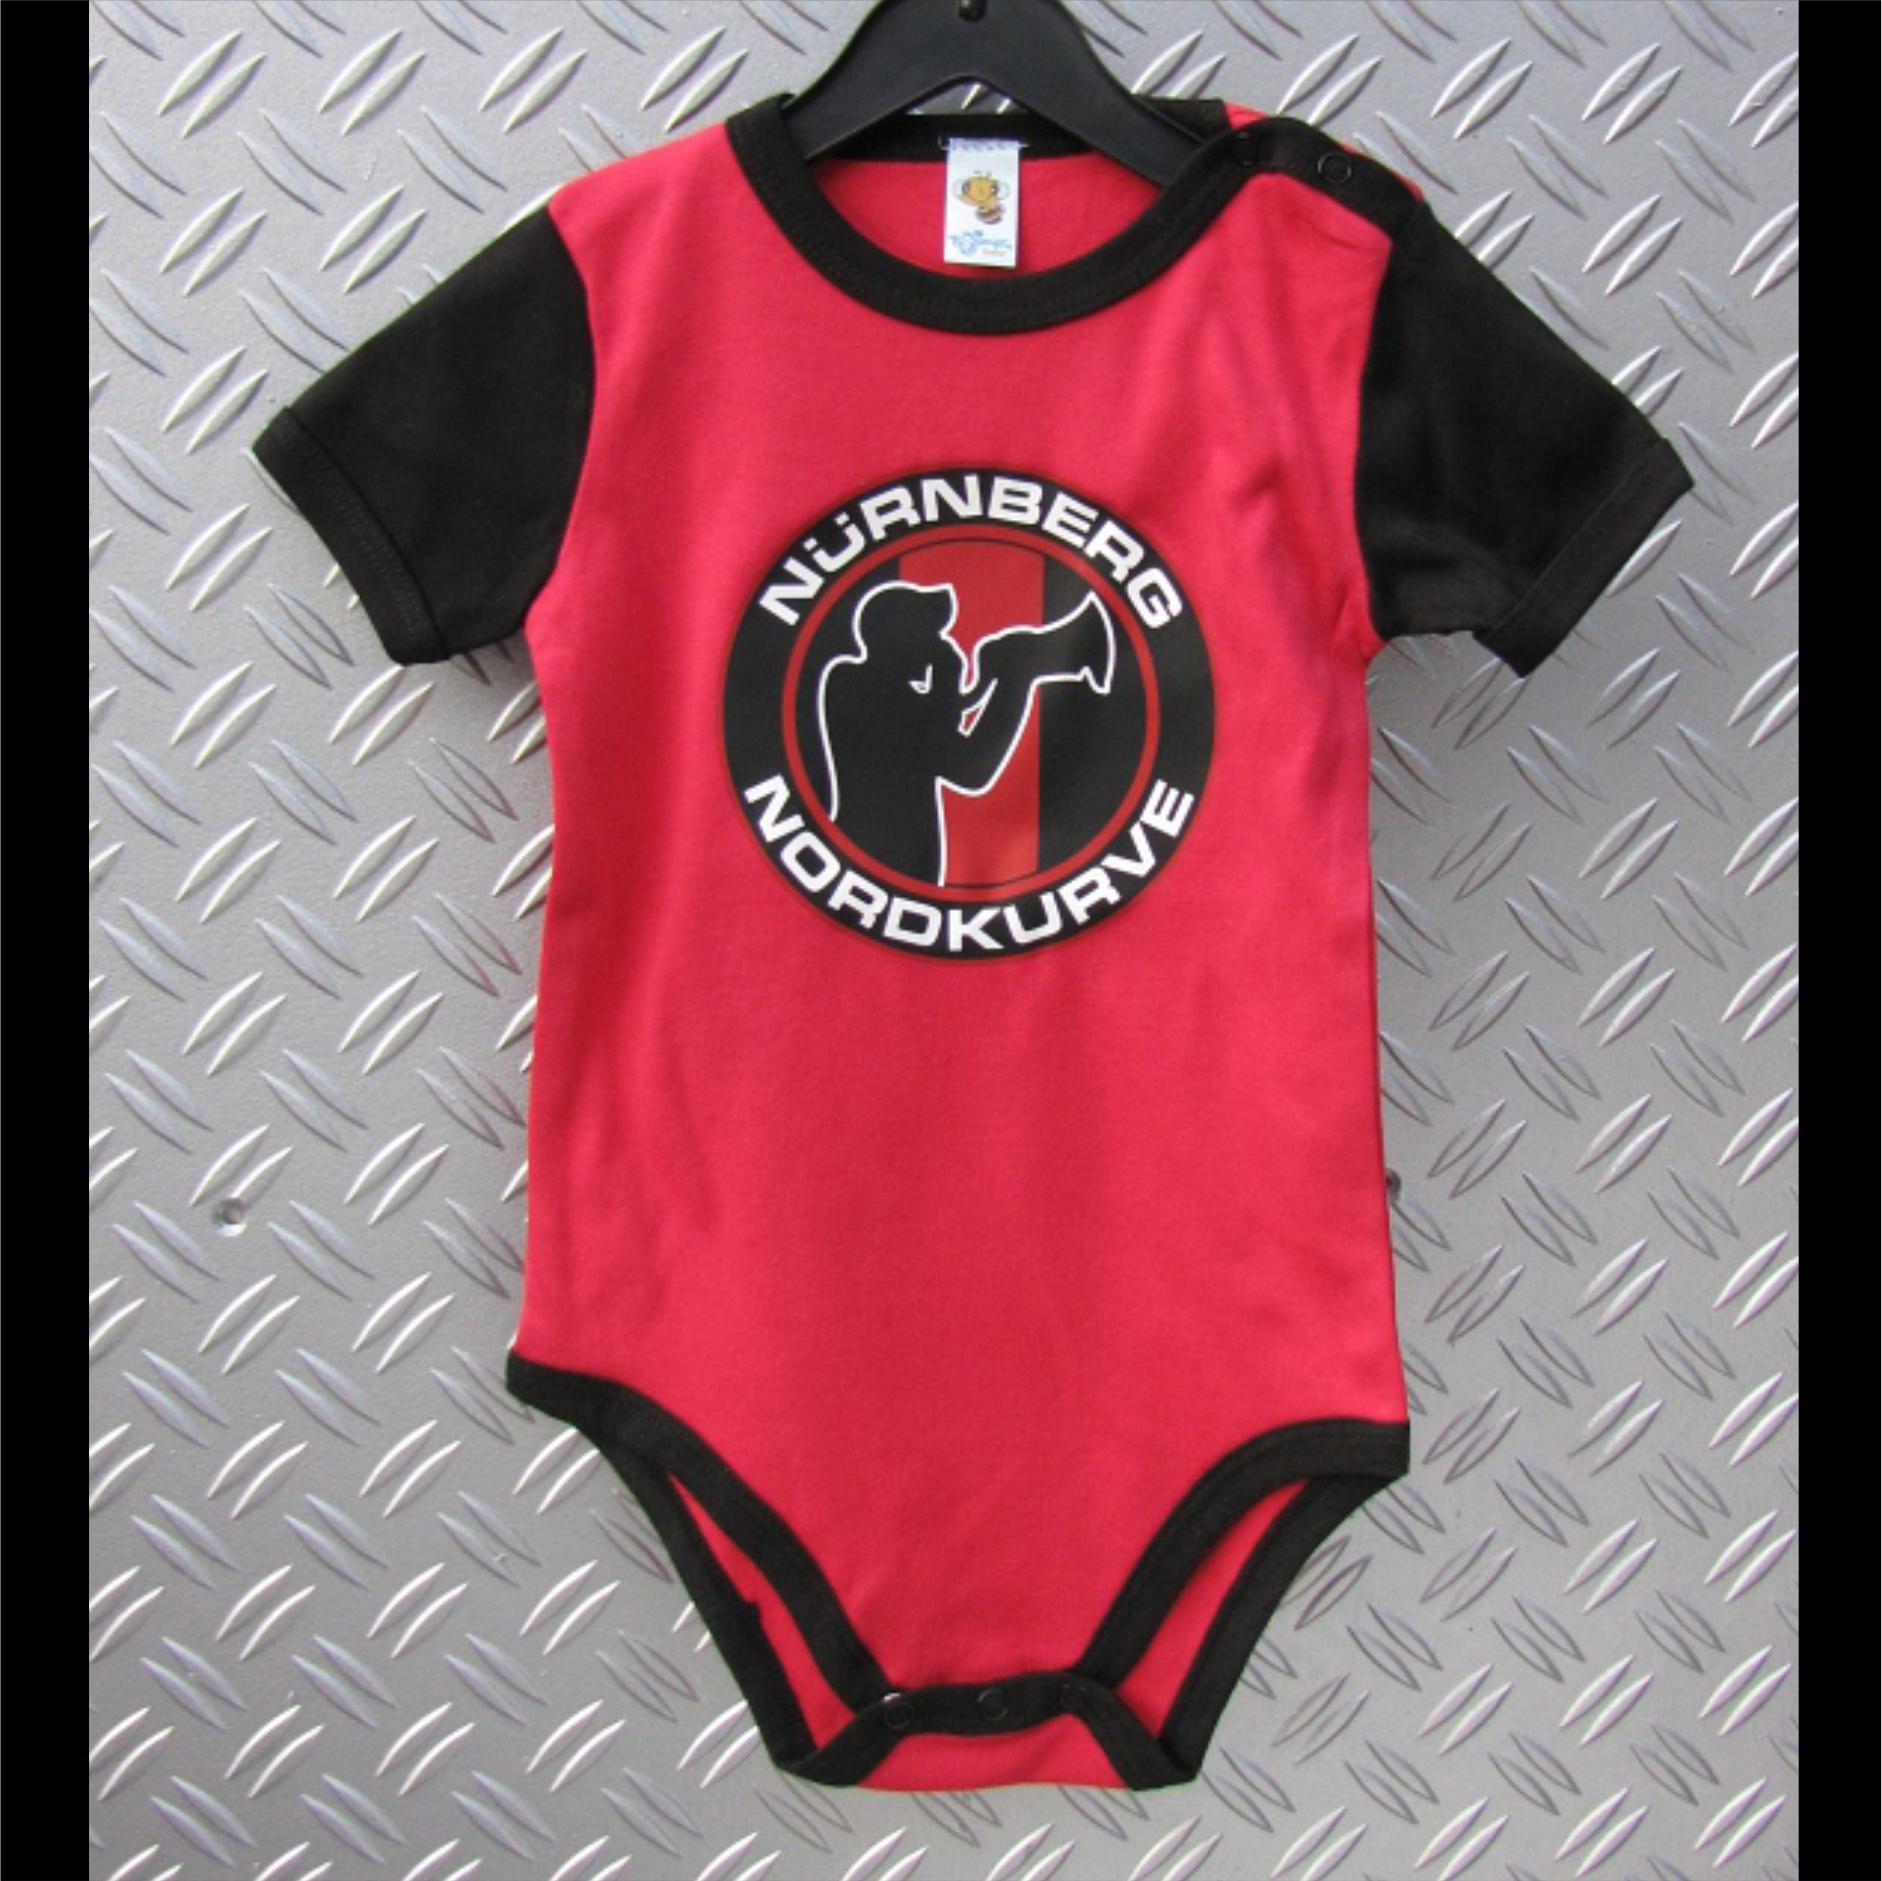 Baby Body    Nordkurve Nürnberg